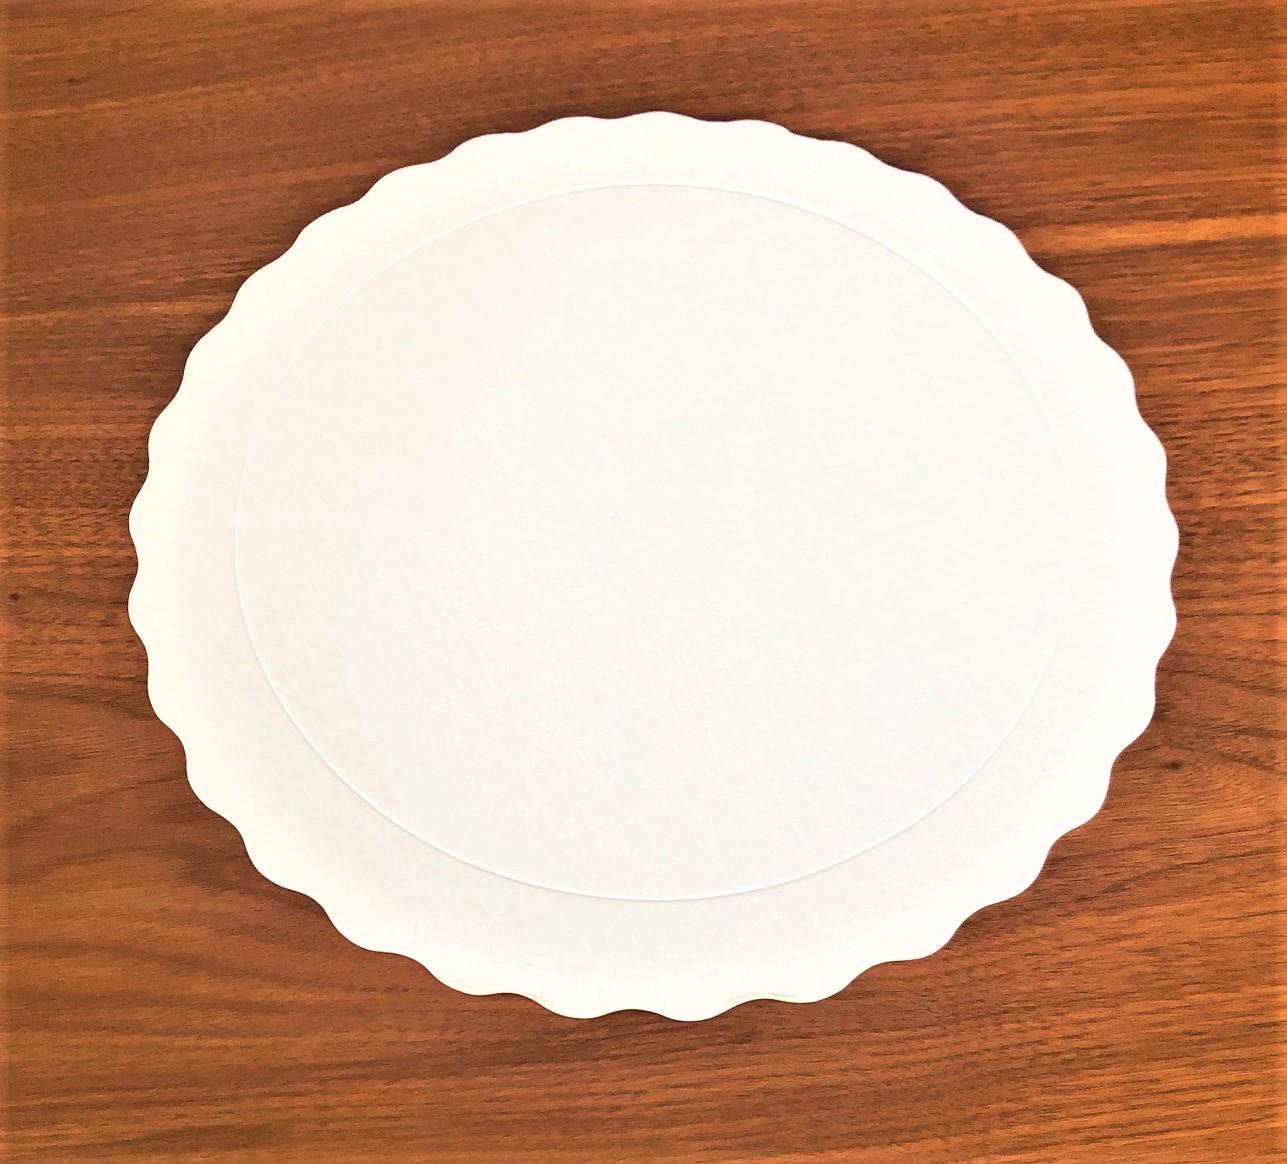 20 Bases Laminadas Para Bolo Redondo, Cake Board 25cm - Branco